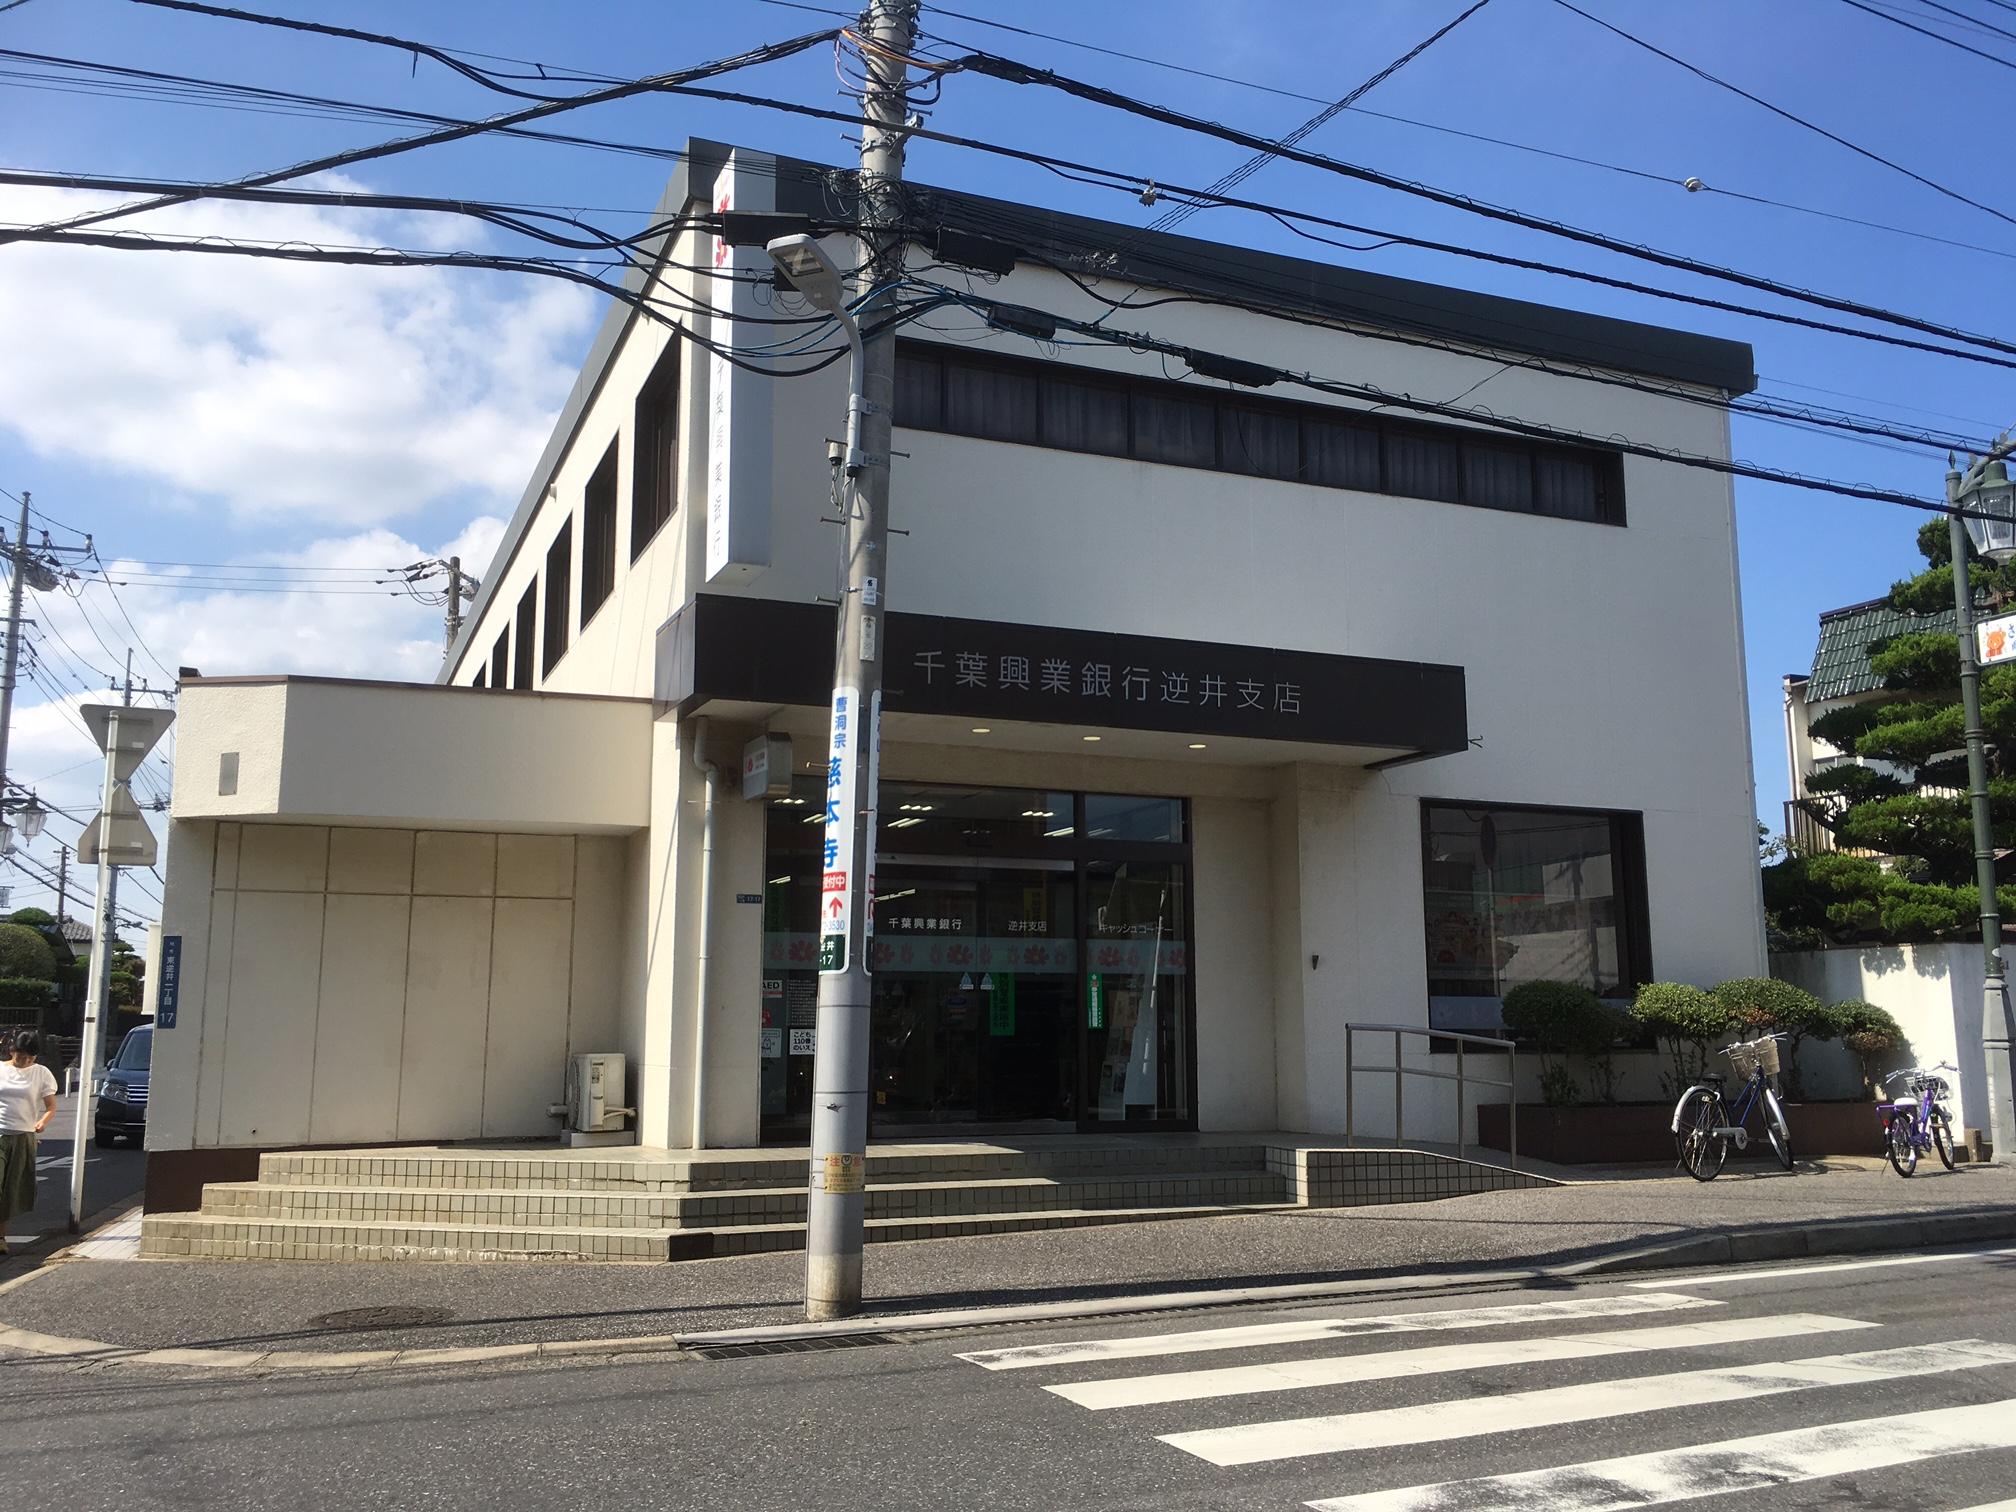 銀行:千葉興業銀行 逆井支店 158m